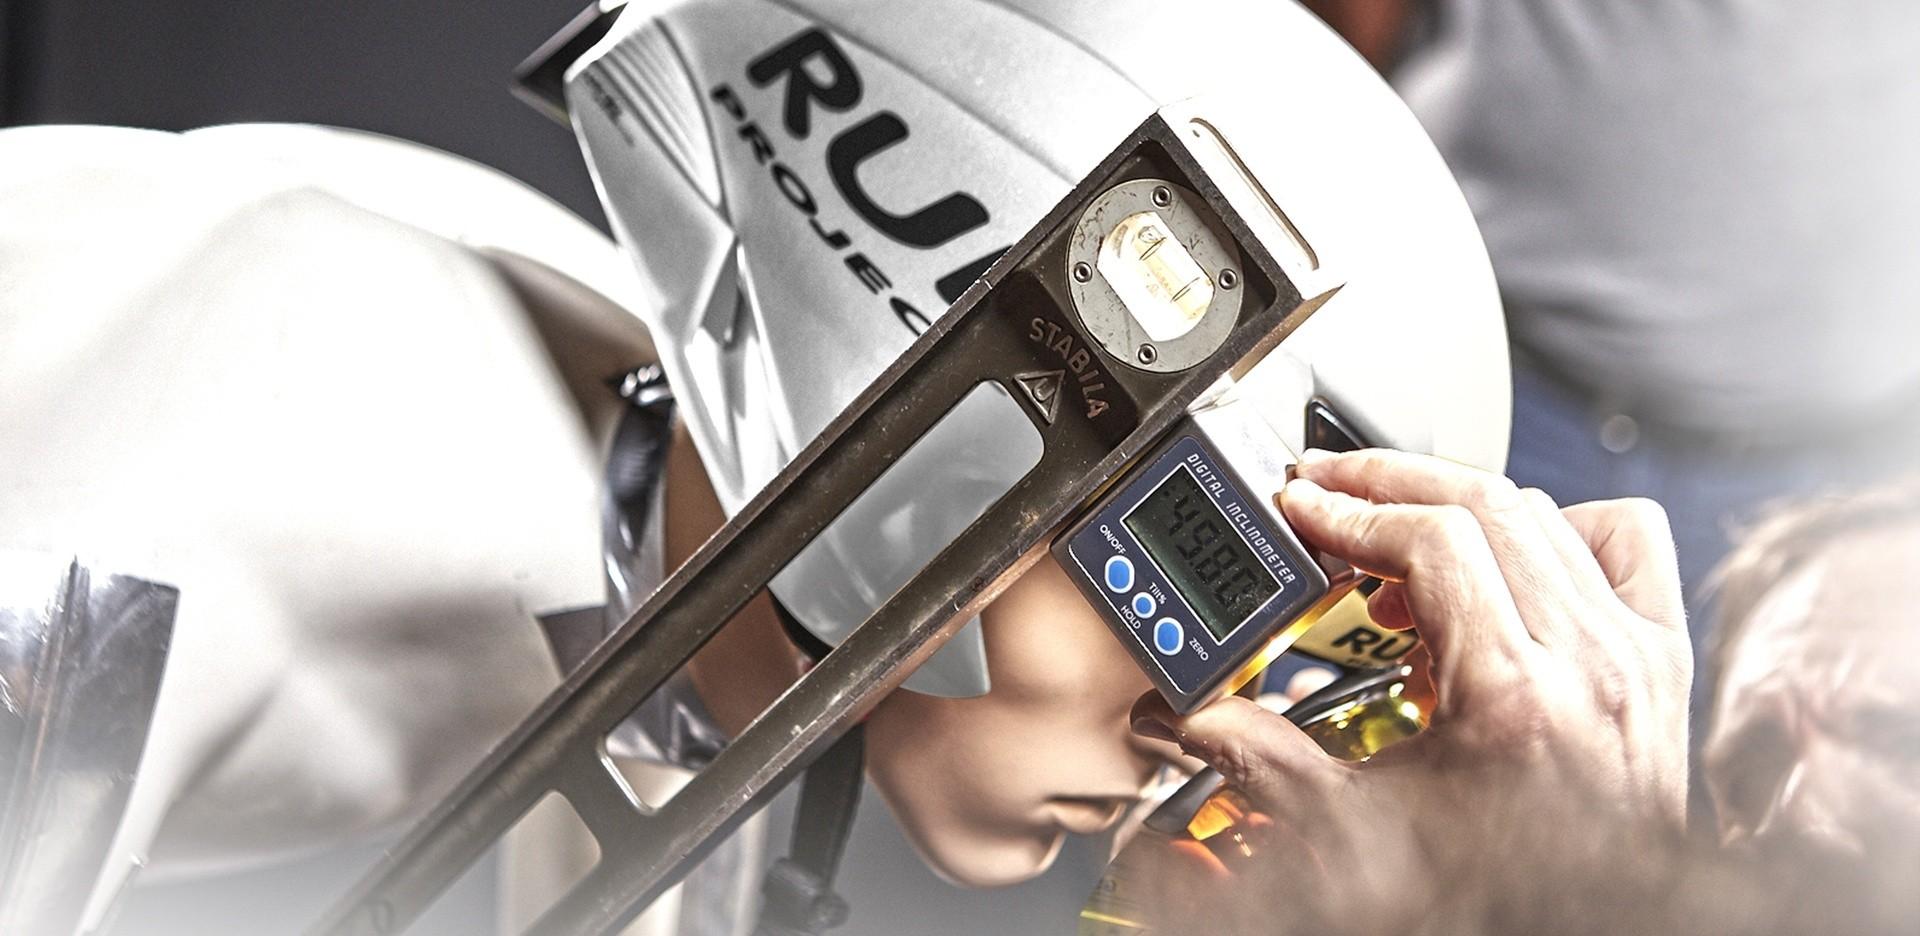 Nahaufnahme von einem Sportler mit weißem Helm, der eine Rudy Project Fassung trägt.